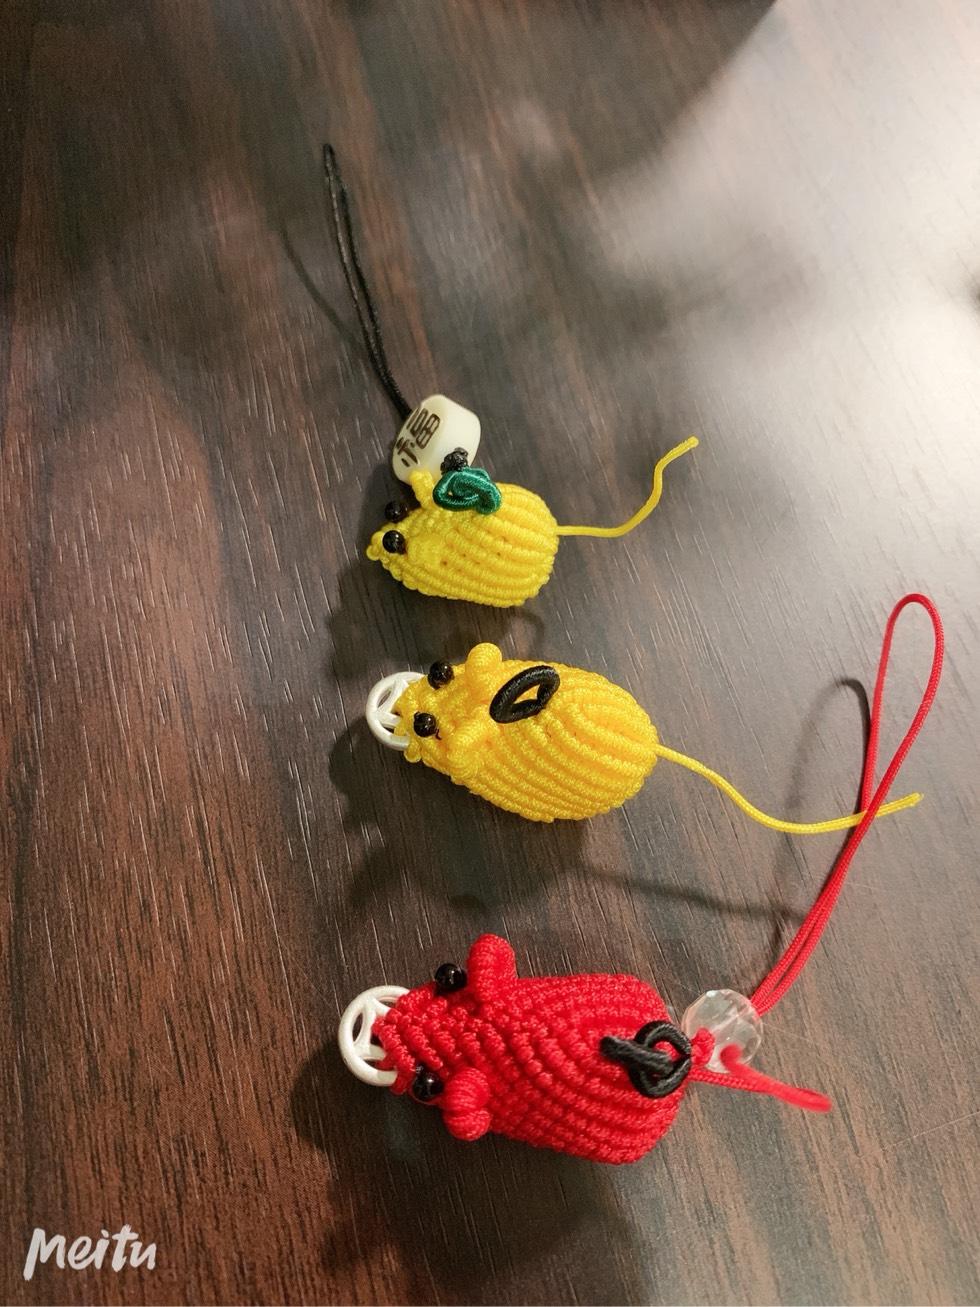 中国结论坛 明年鼠年,做个吉祥物应景  作品展示 132513t1g31lh6falvabaa